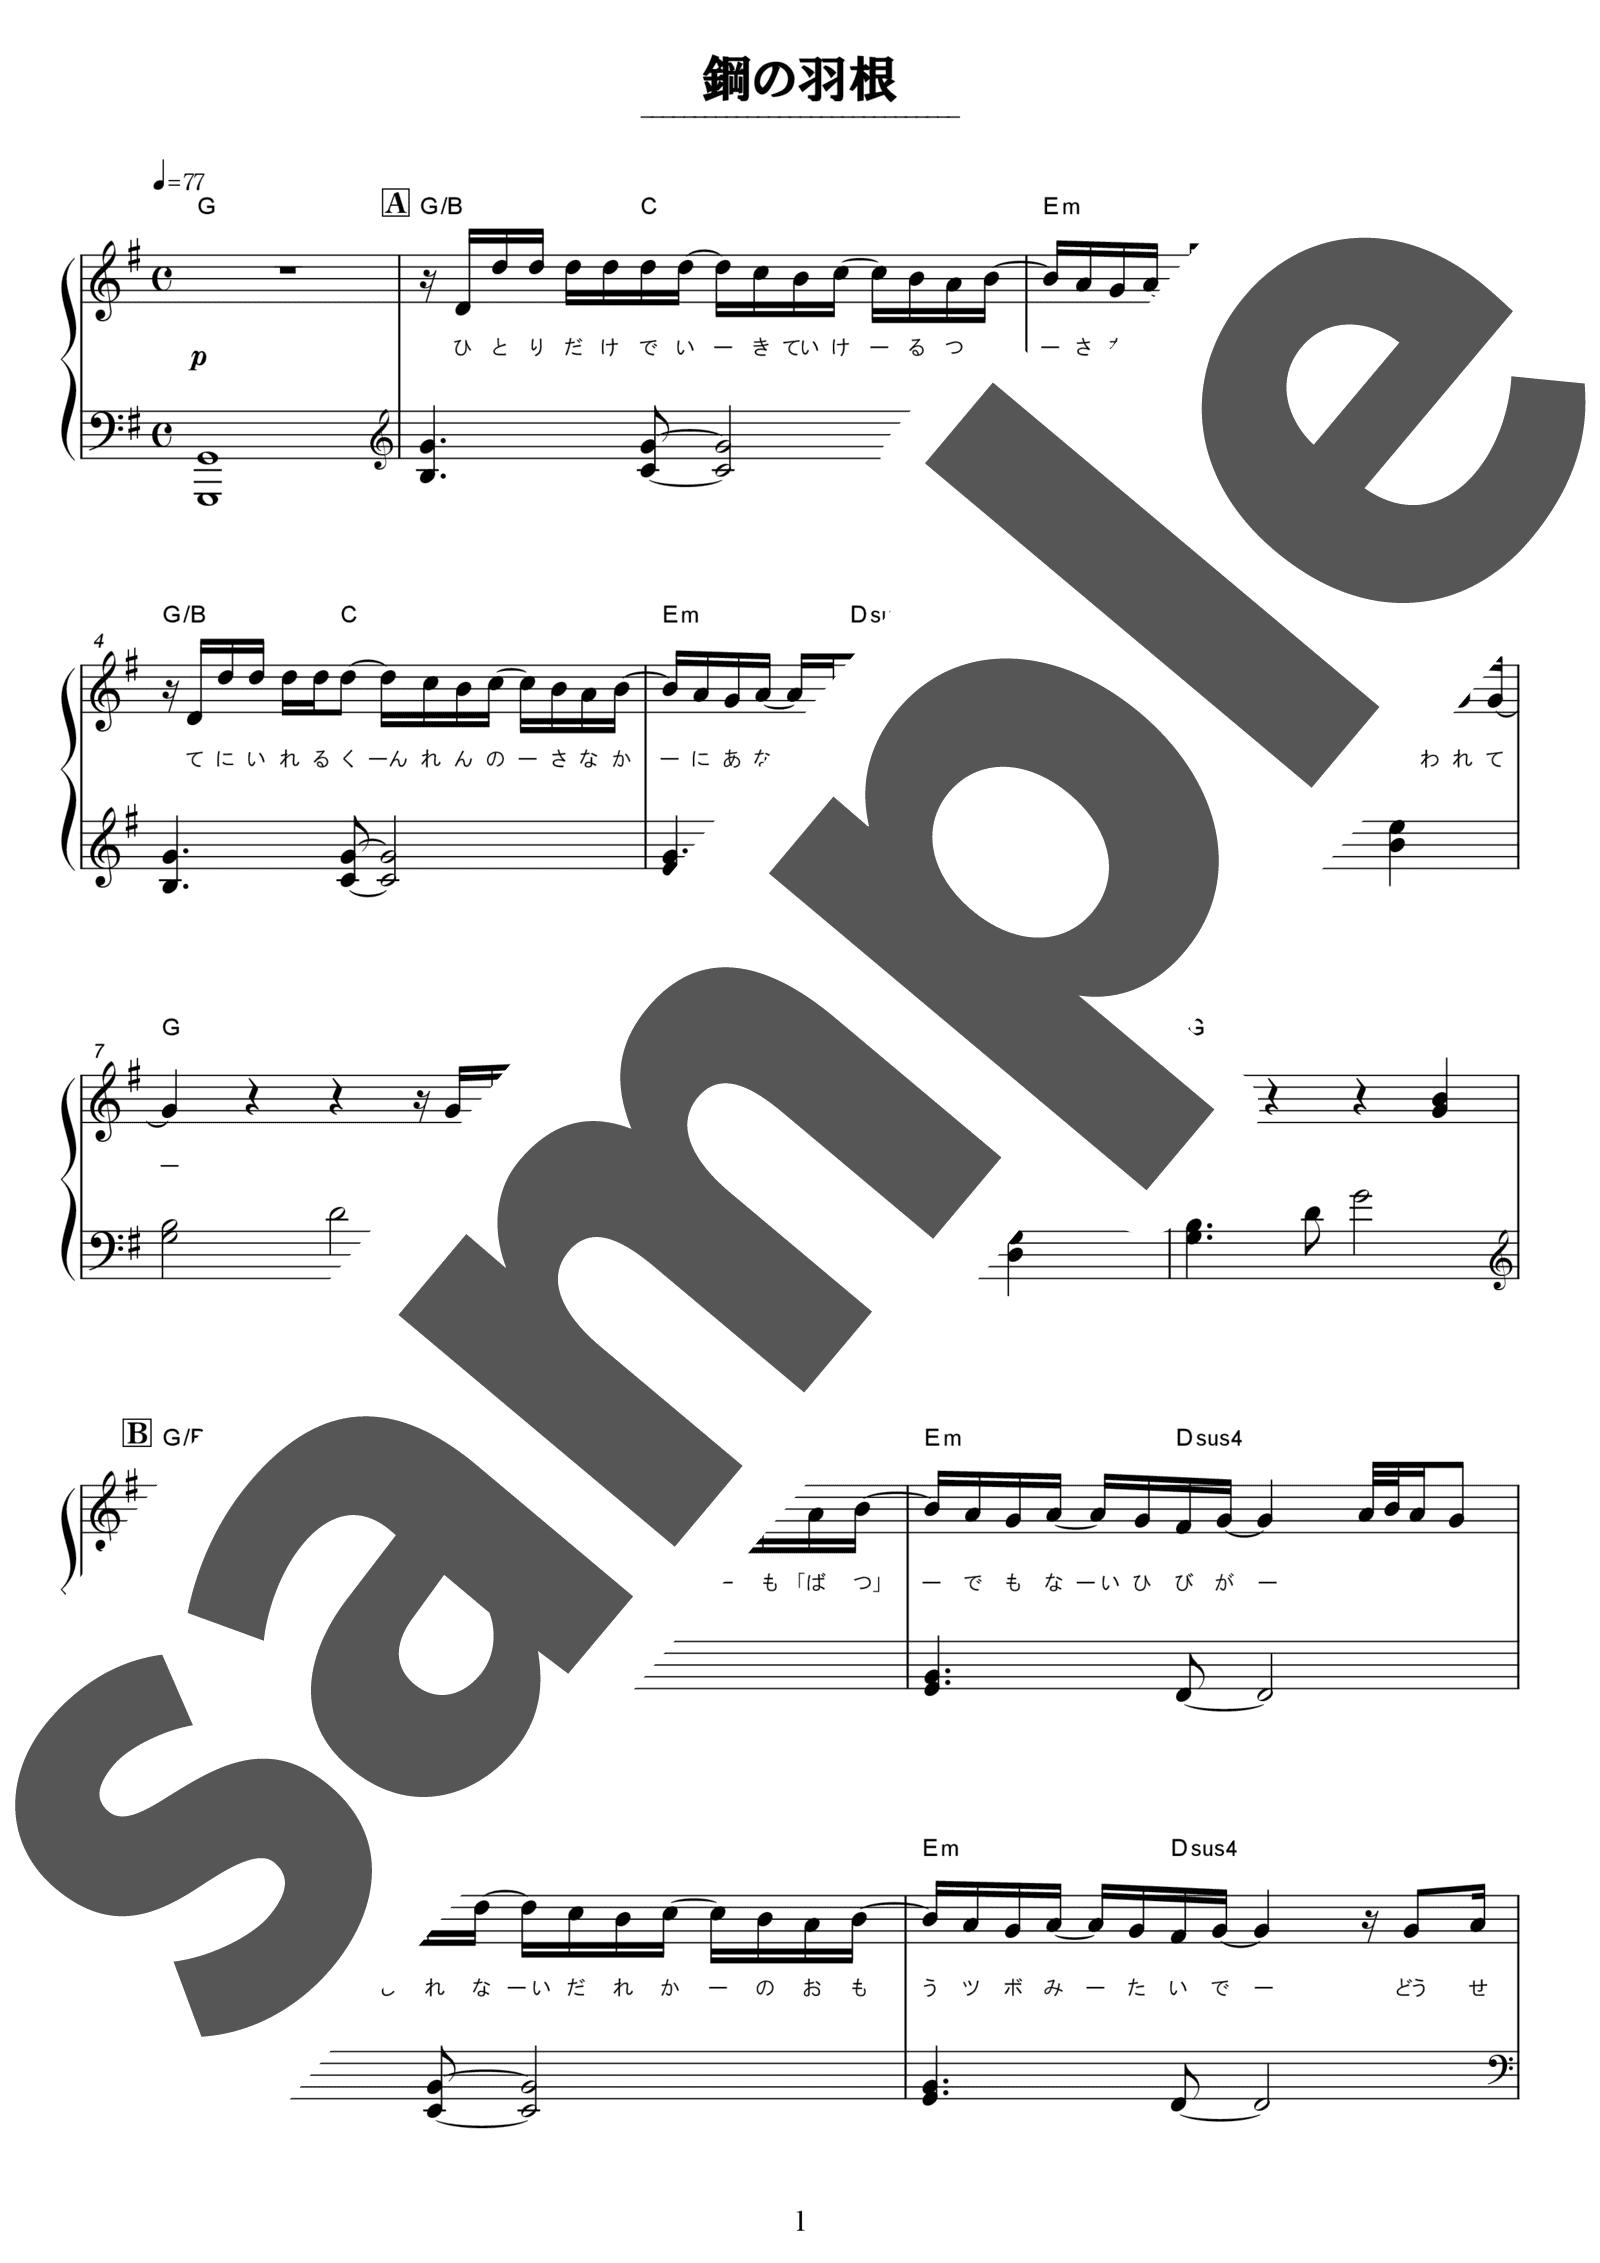 「鋼の羽根」のサンプル楽譜